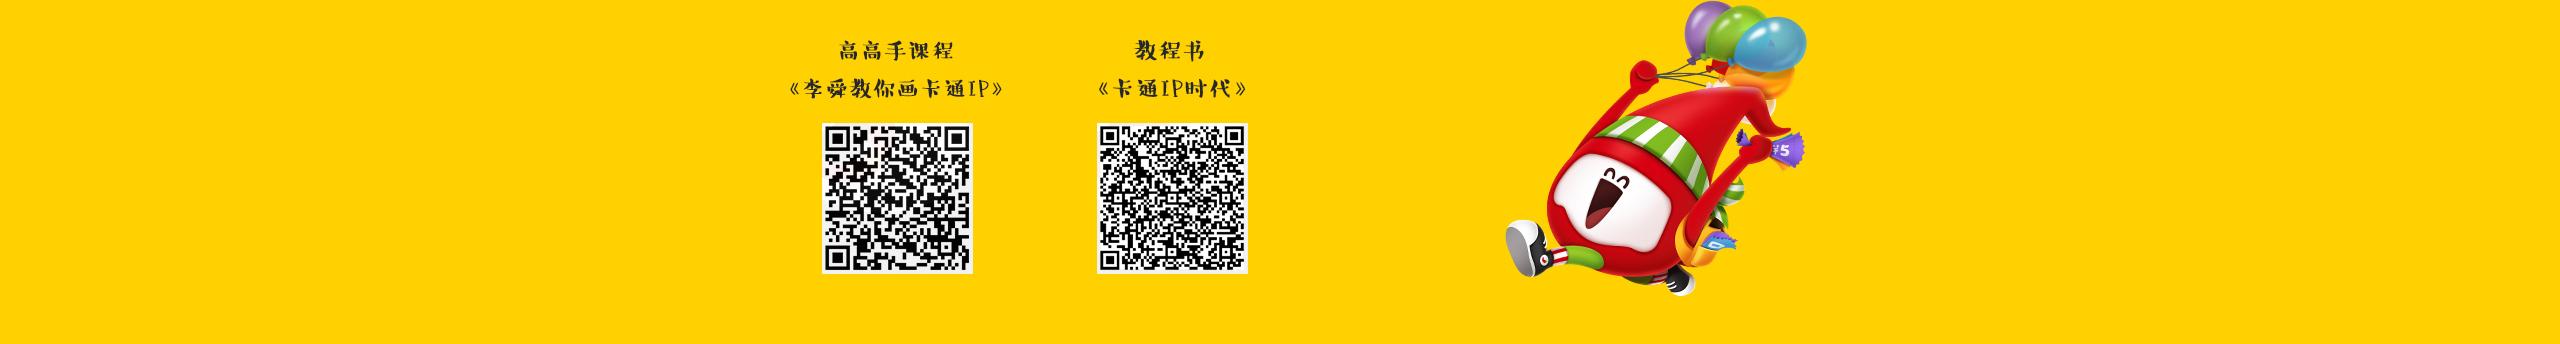 鸿运国际娱乐开户彩金_Picture